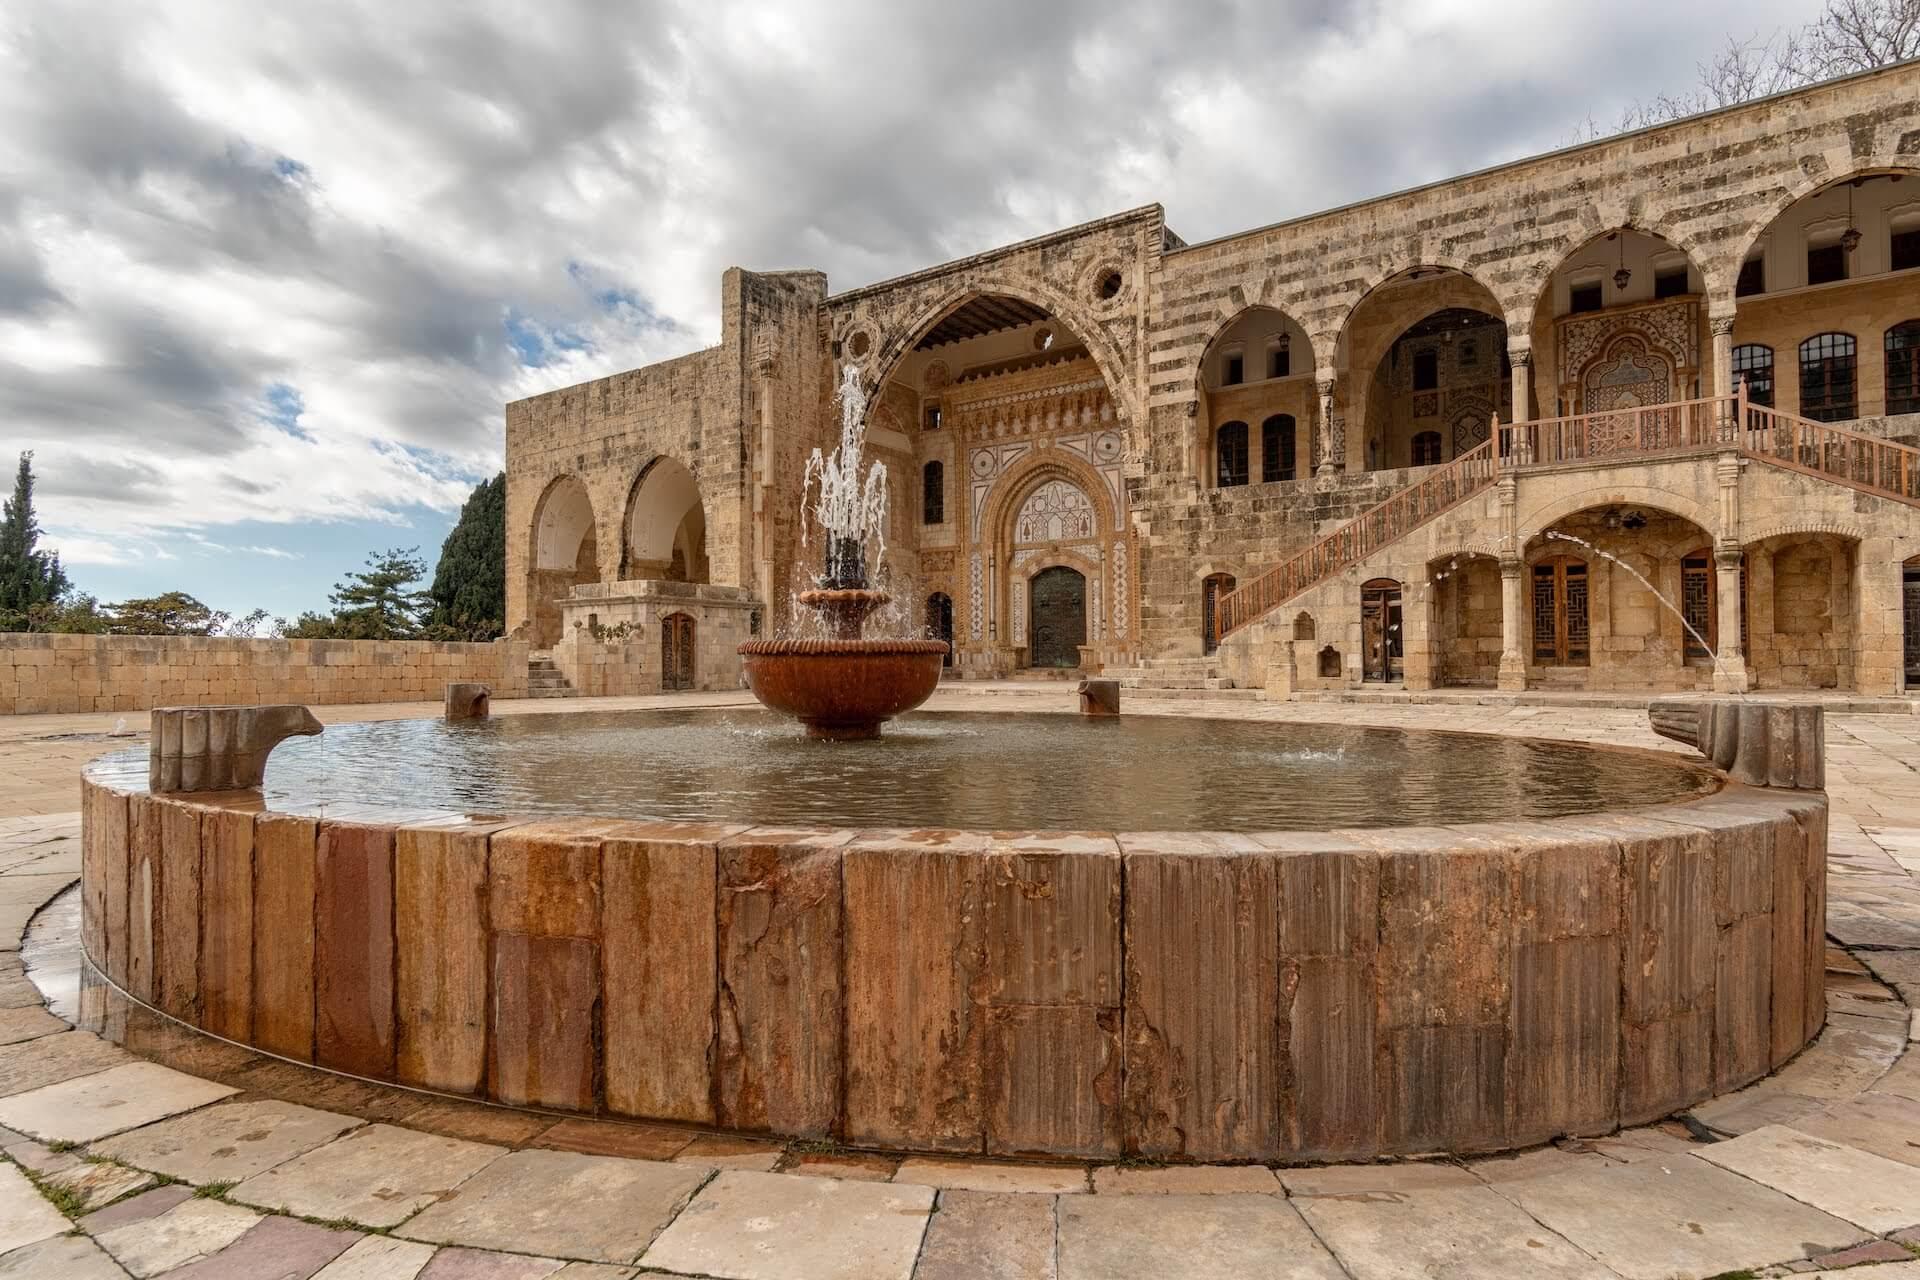 De voorplaats van het Beiteddine paleis in Beit ed-Dine